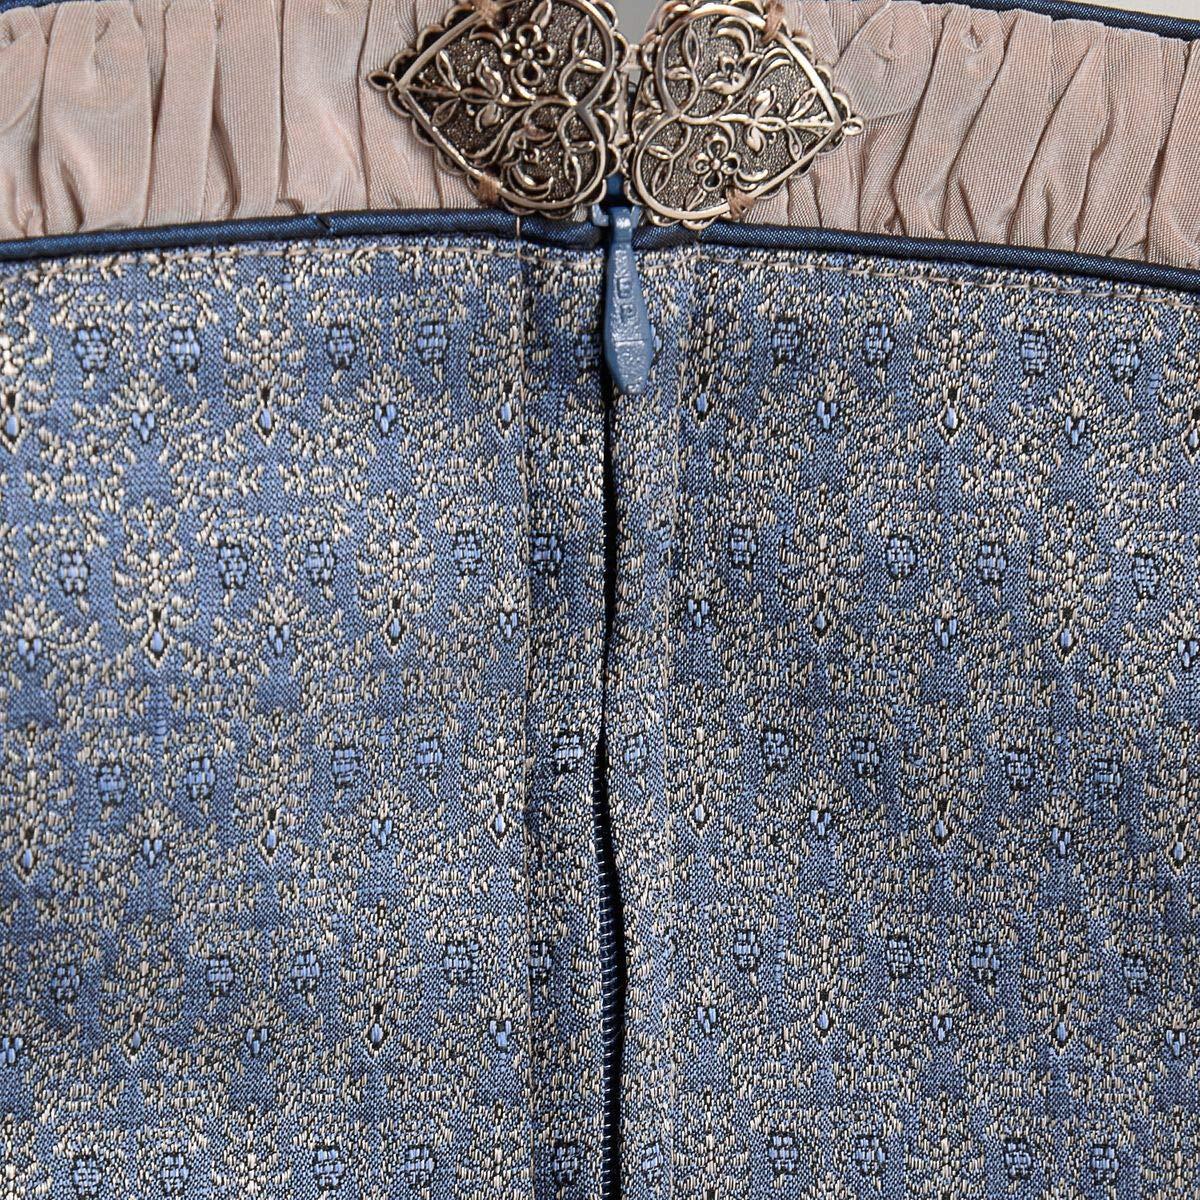 30e8fab3eef6ca Bekleidung Hammerschmid Damen Trachten-Mode Midi Dirndl Frillensee in Blau  traditionell Größe:40 Farbe:Blau Dirndl